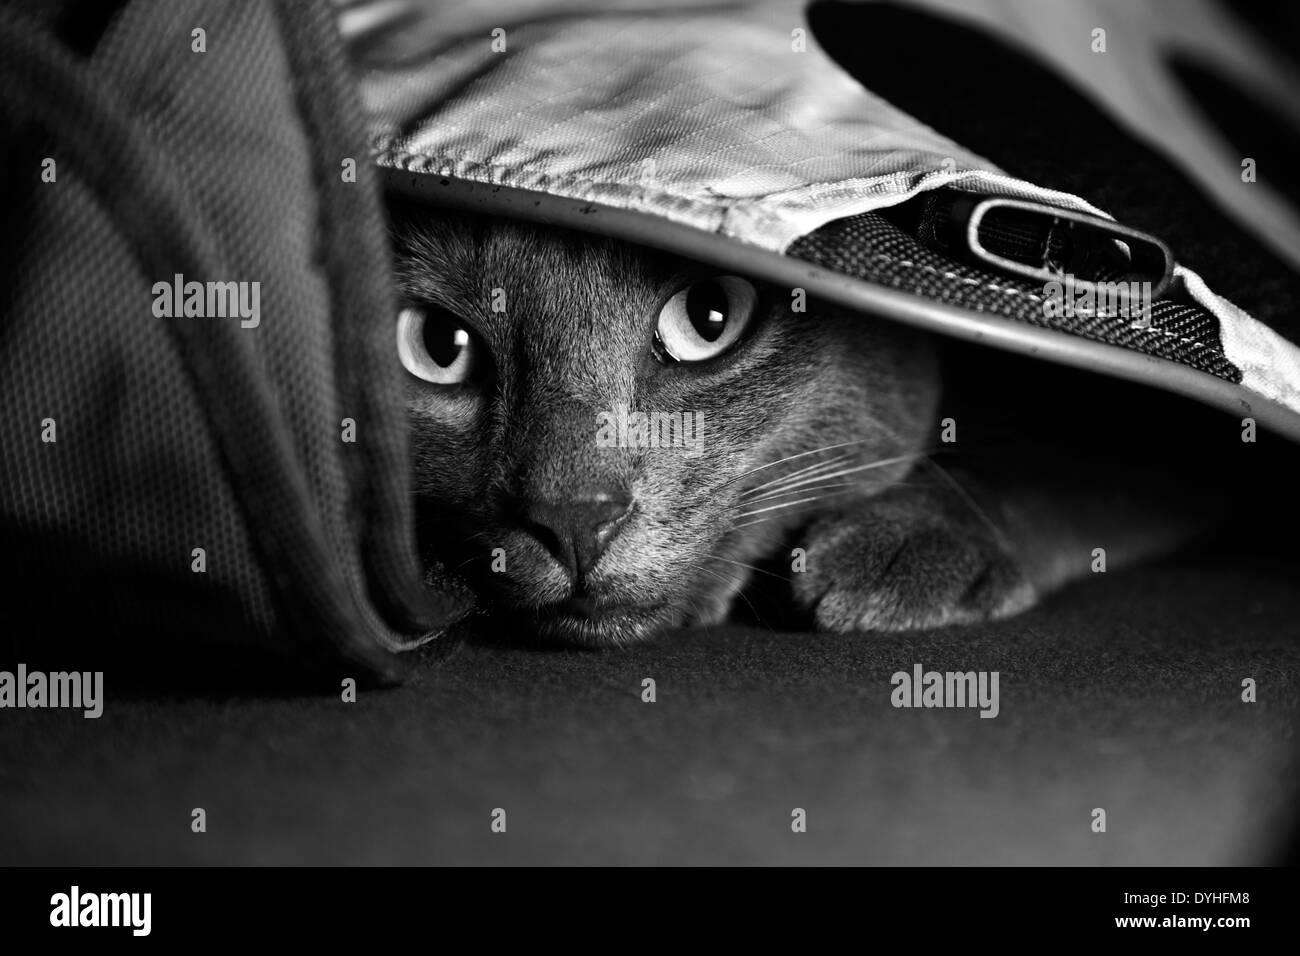 A gray cat hidden under a bag - Stock Image